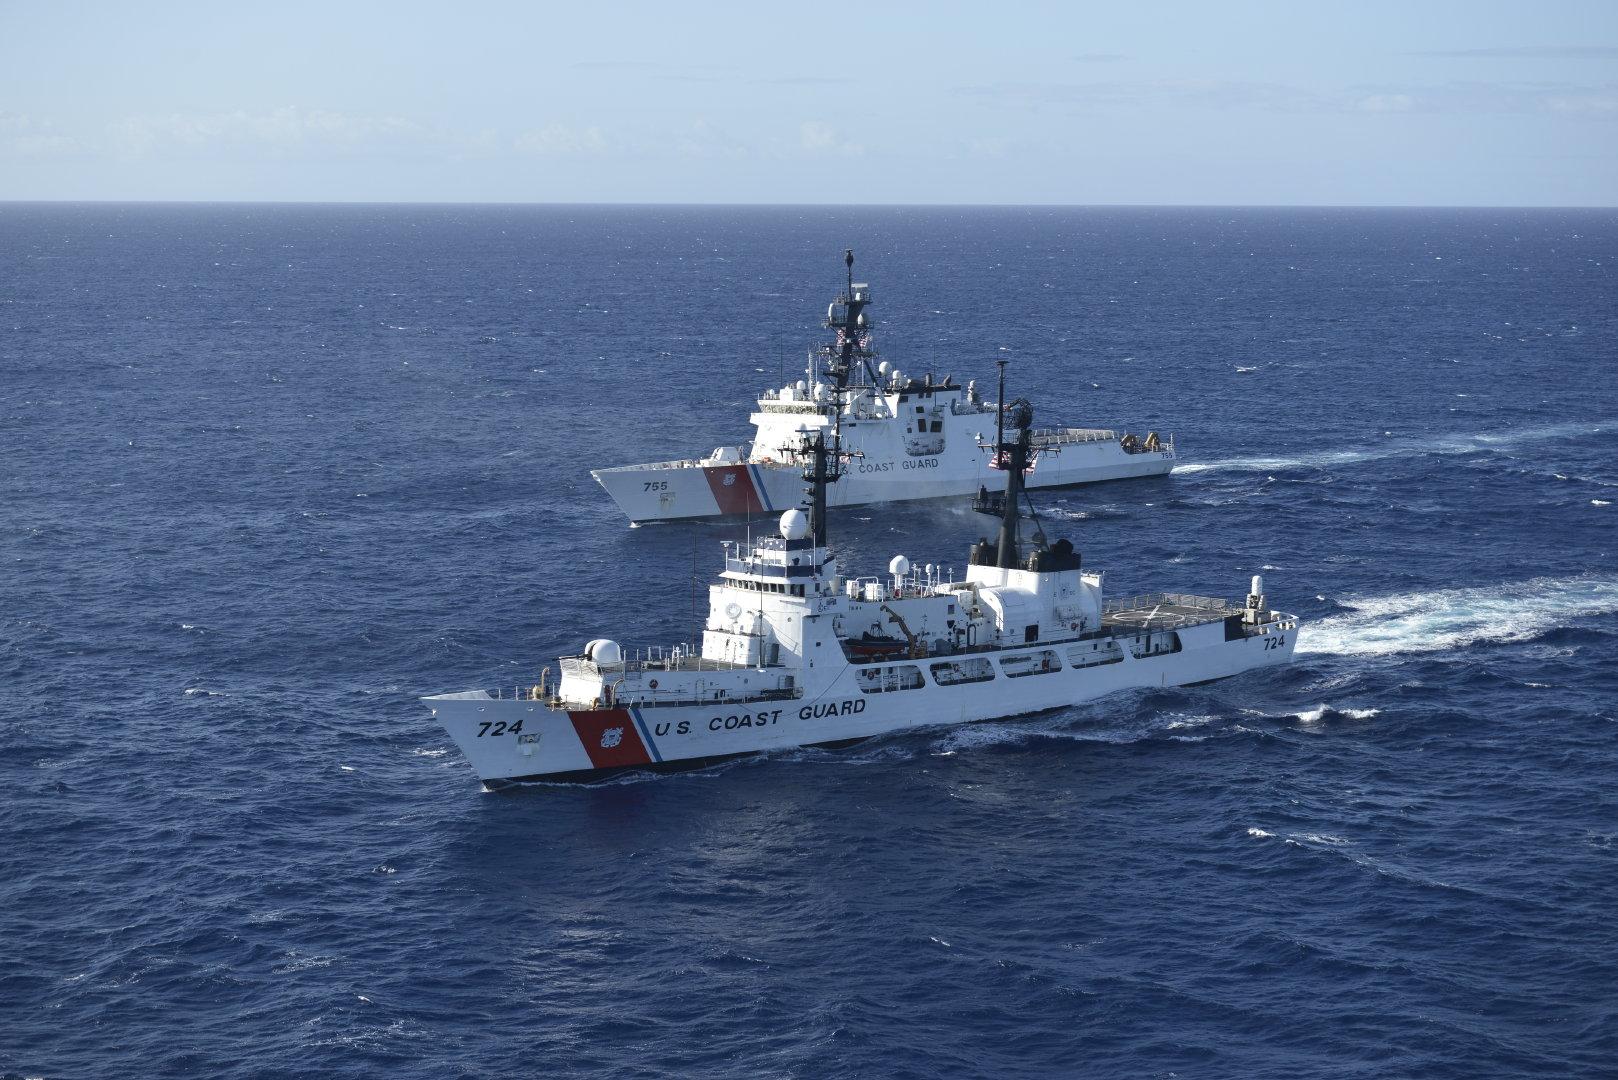 美国海岸警卫队海警船道格拉斯·芒罗(WHEC 724)和美国海岸警卫队海